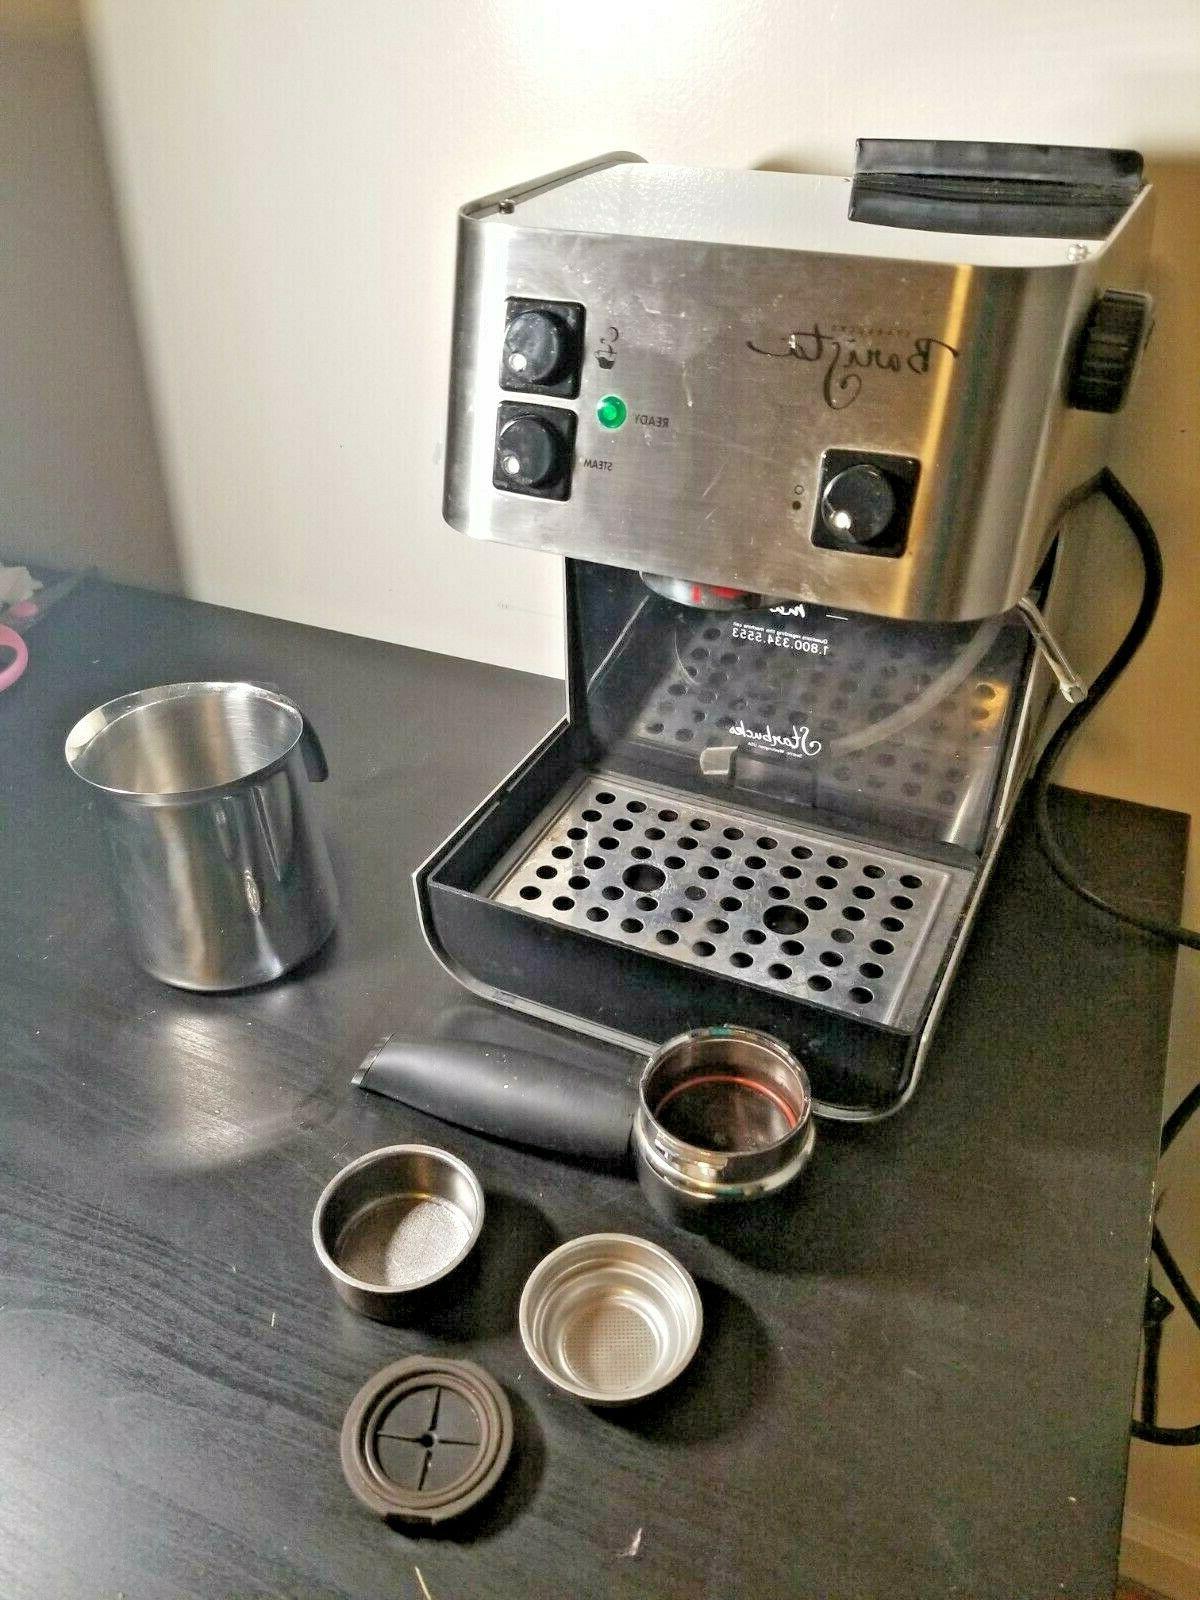 Starbucks Barista Saeco Coffee Stainless Silver Very Nice